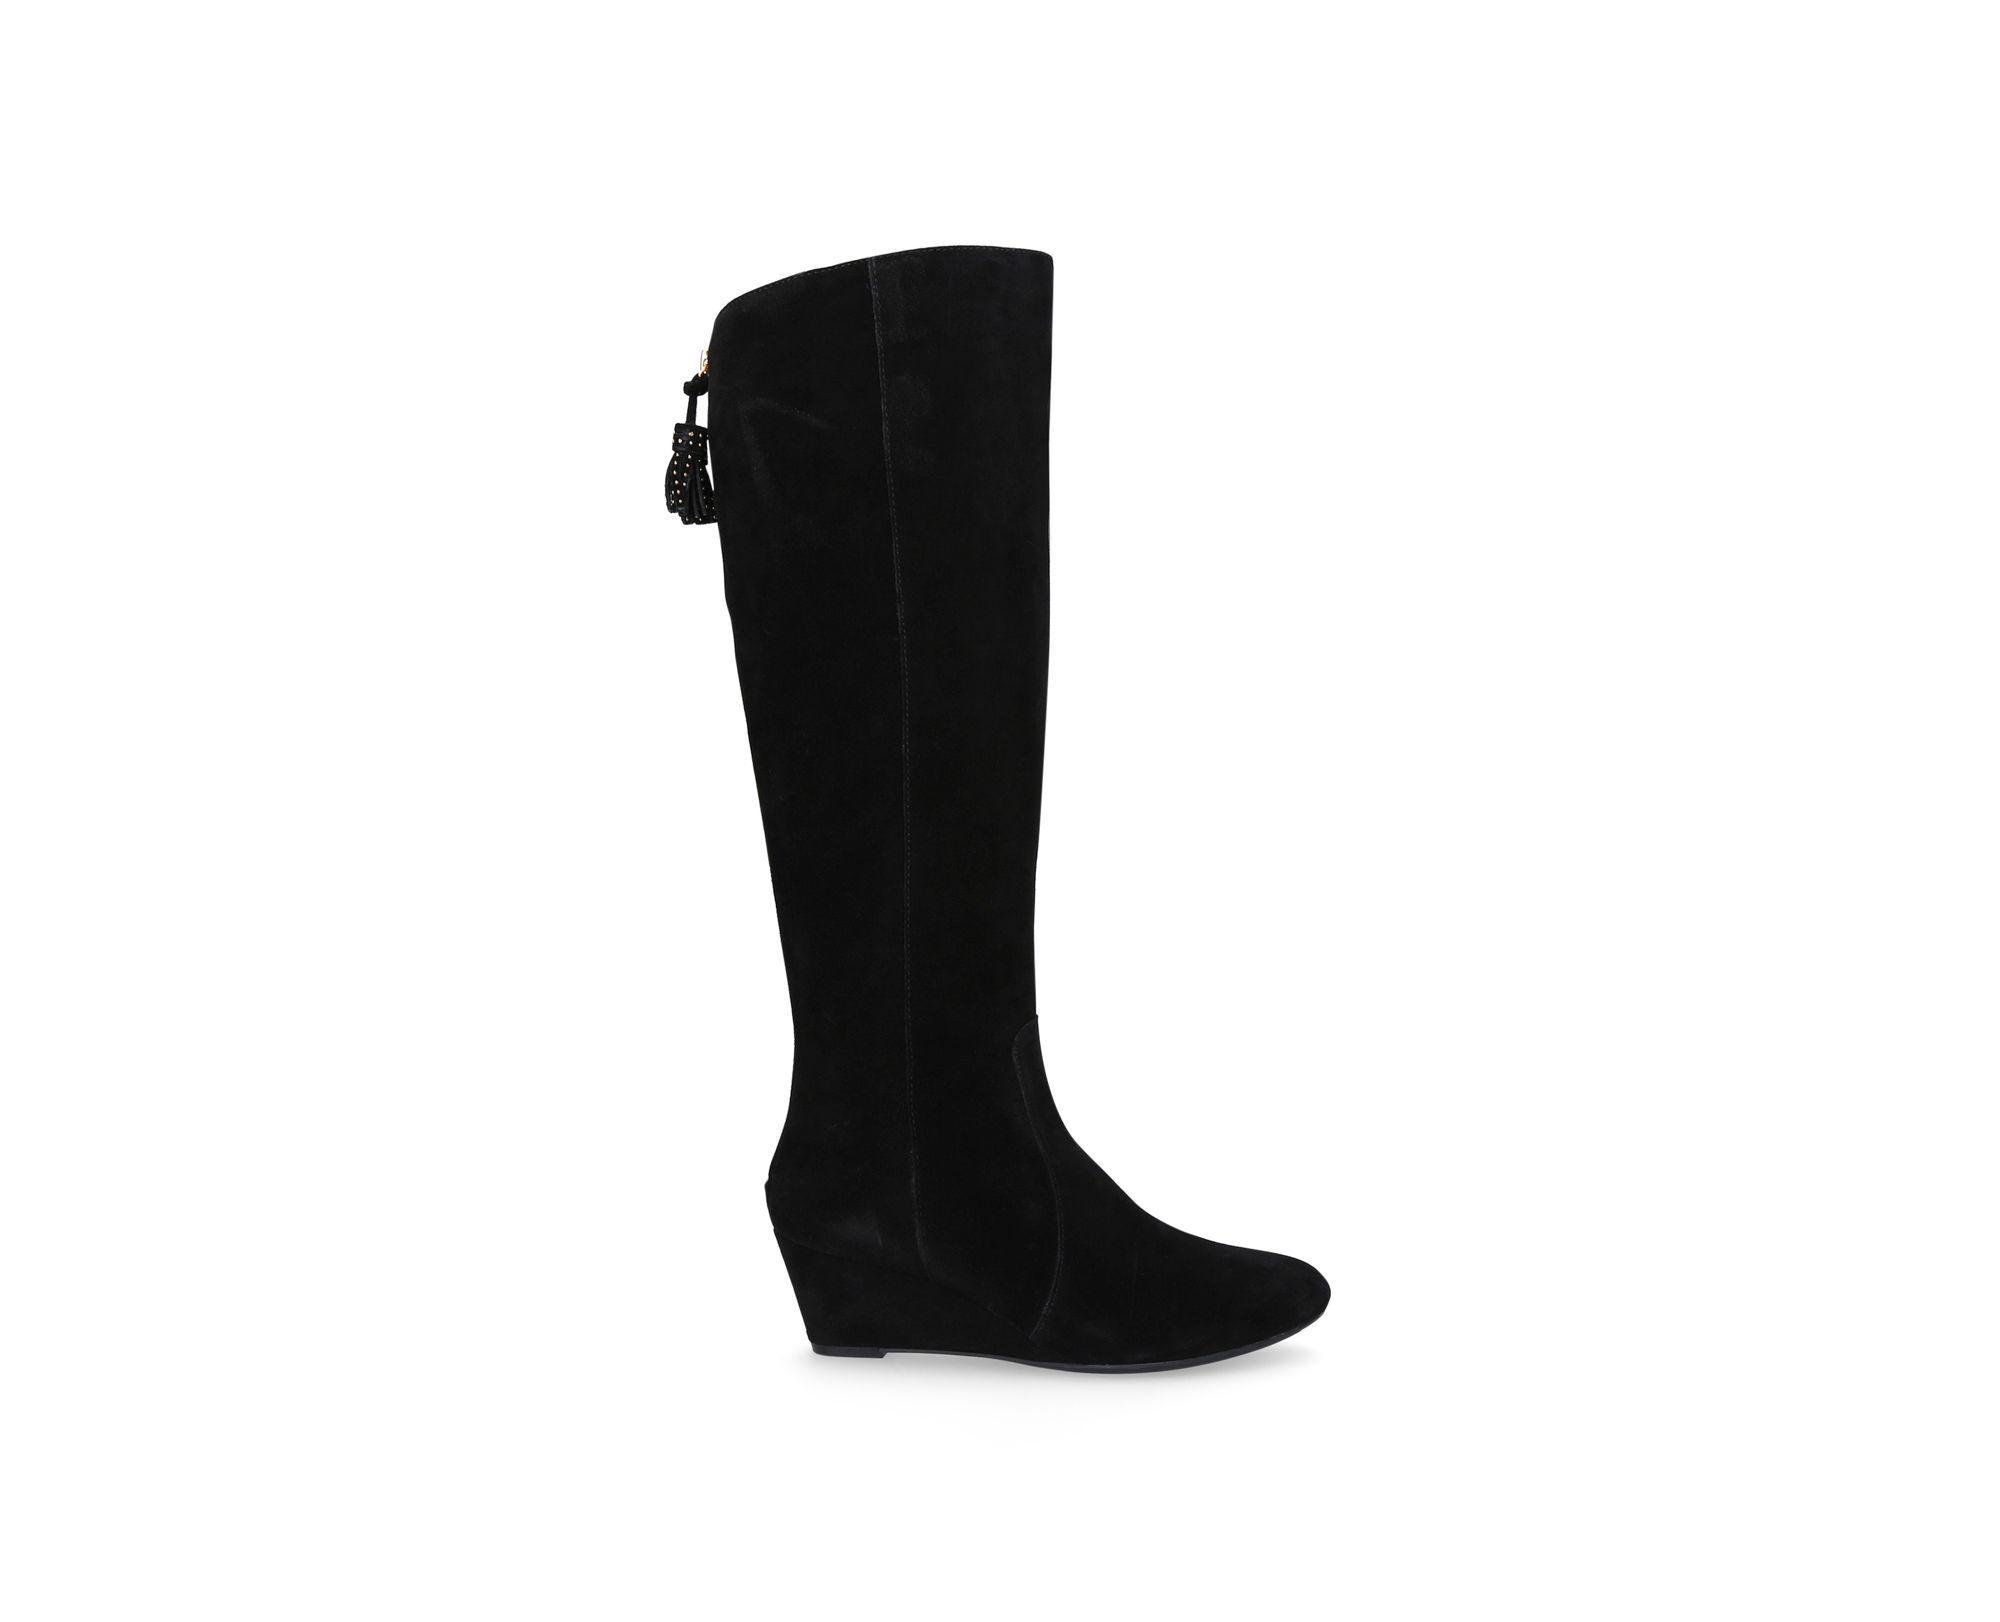 Anne Klein 'azriel' Mid Heel Boots in Black